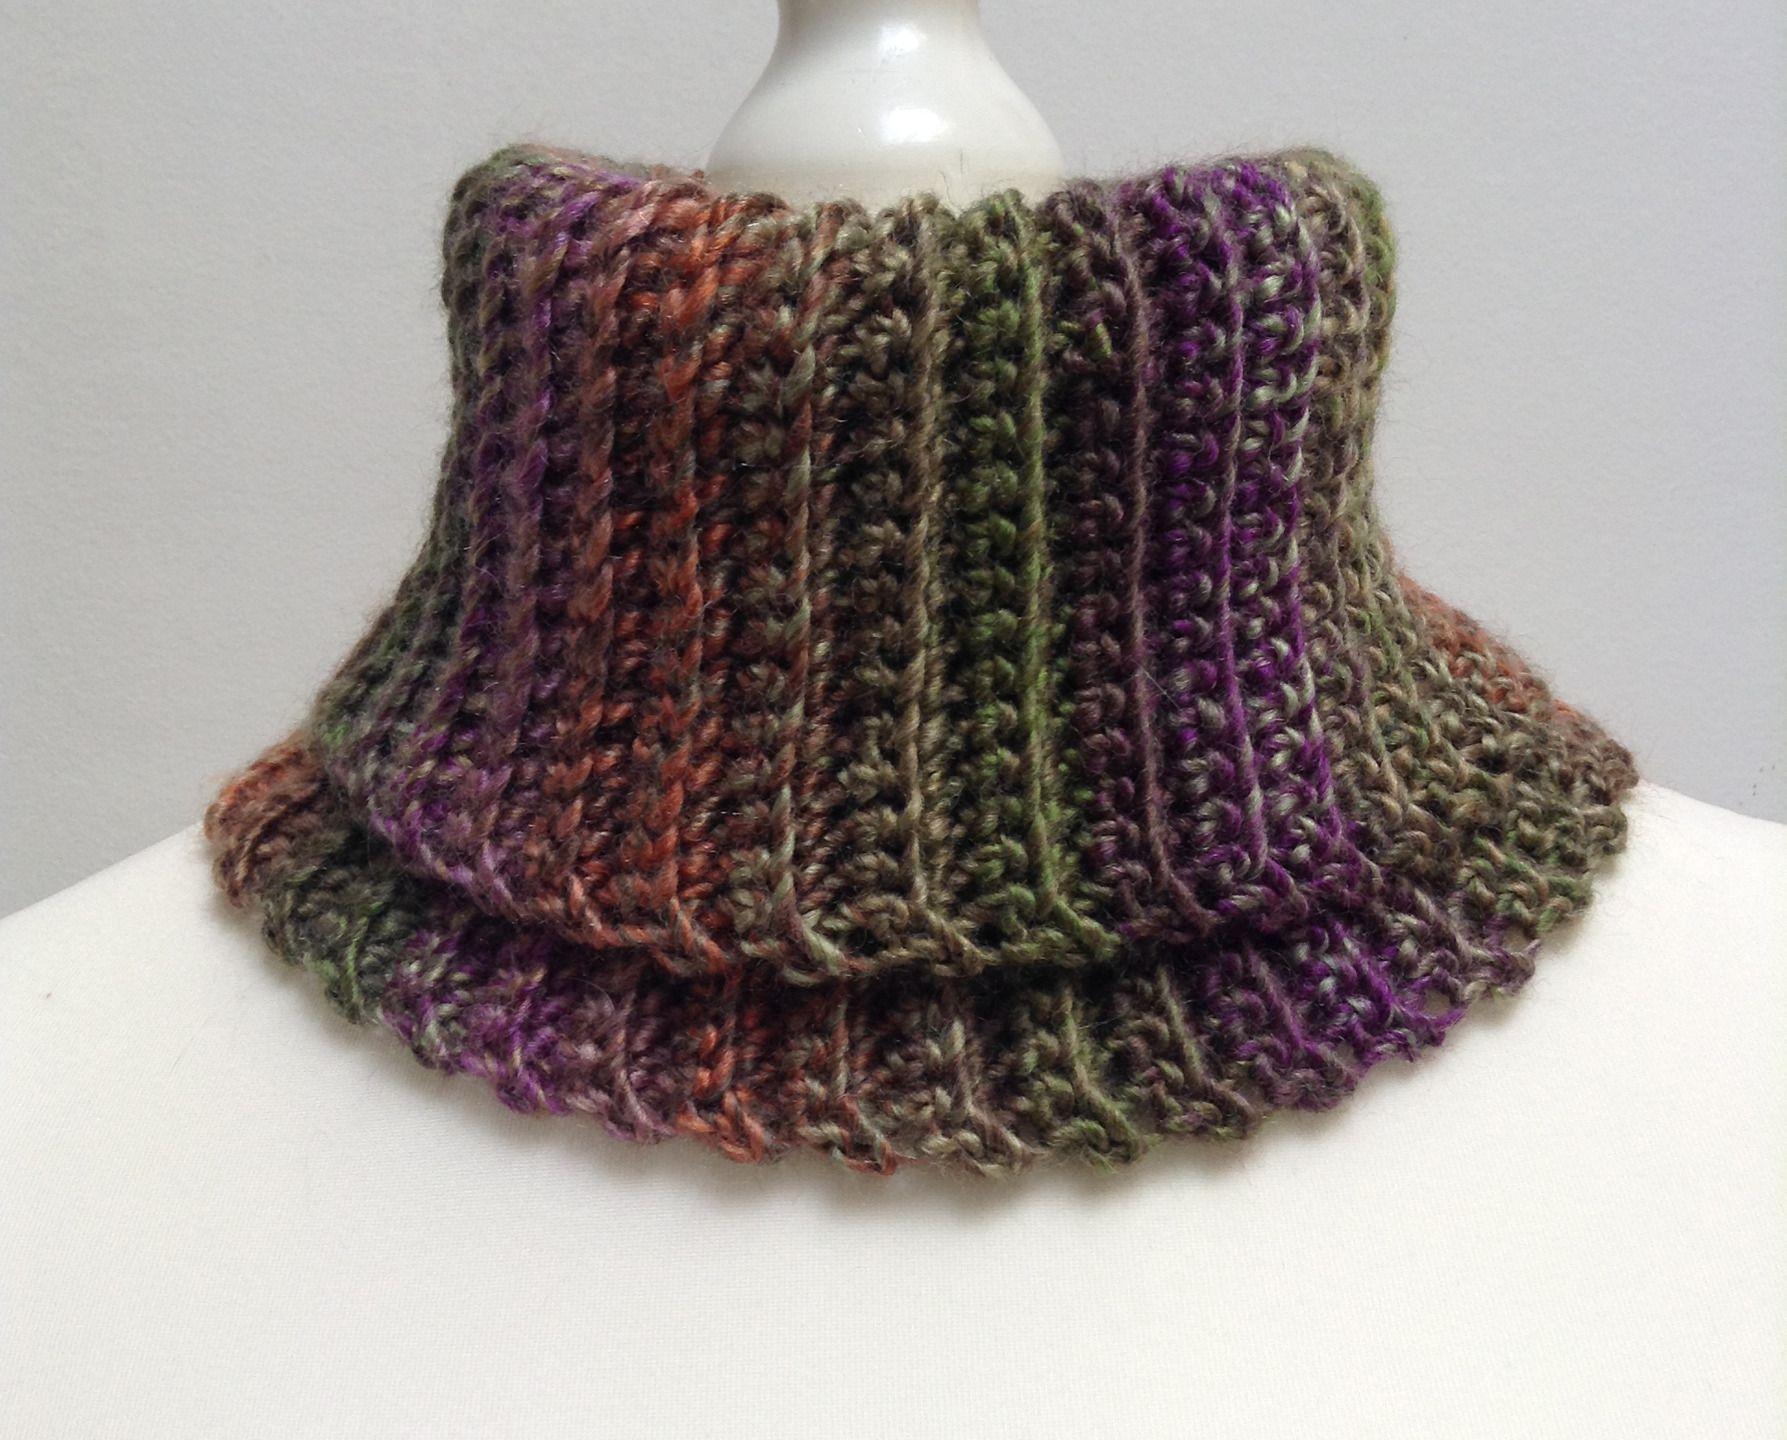 Col roulé en laine et acrylique, multicolore violet, vert, marron, orange,  beige, pour femme   Echarpe, foulard, cravate par titlaine 6761c61a8f4